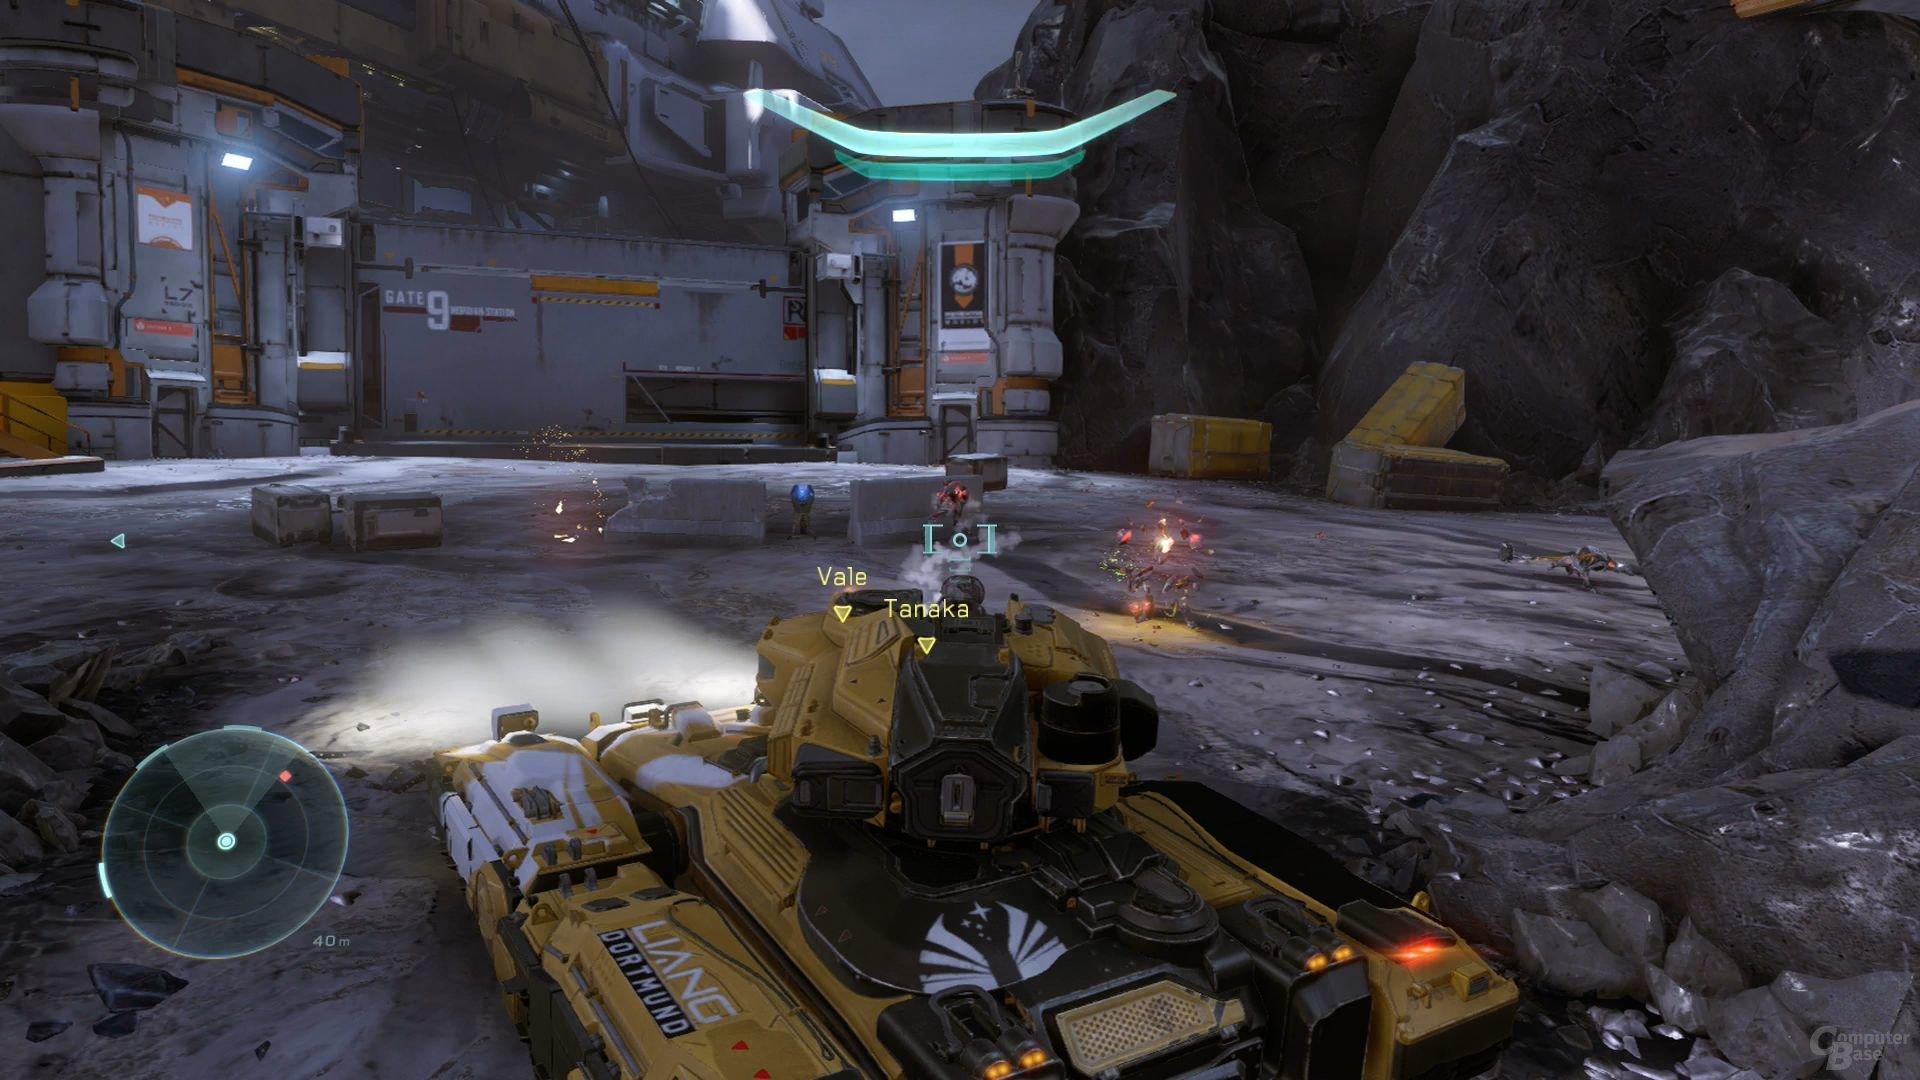 Die typische Fahrzeug-Sequenz darf in keinem Halo-Ableger fehlen